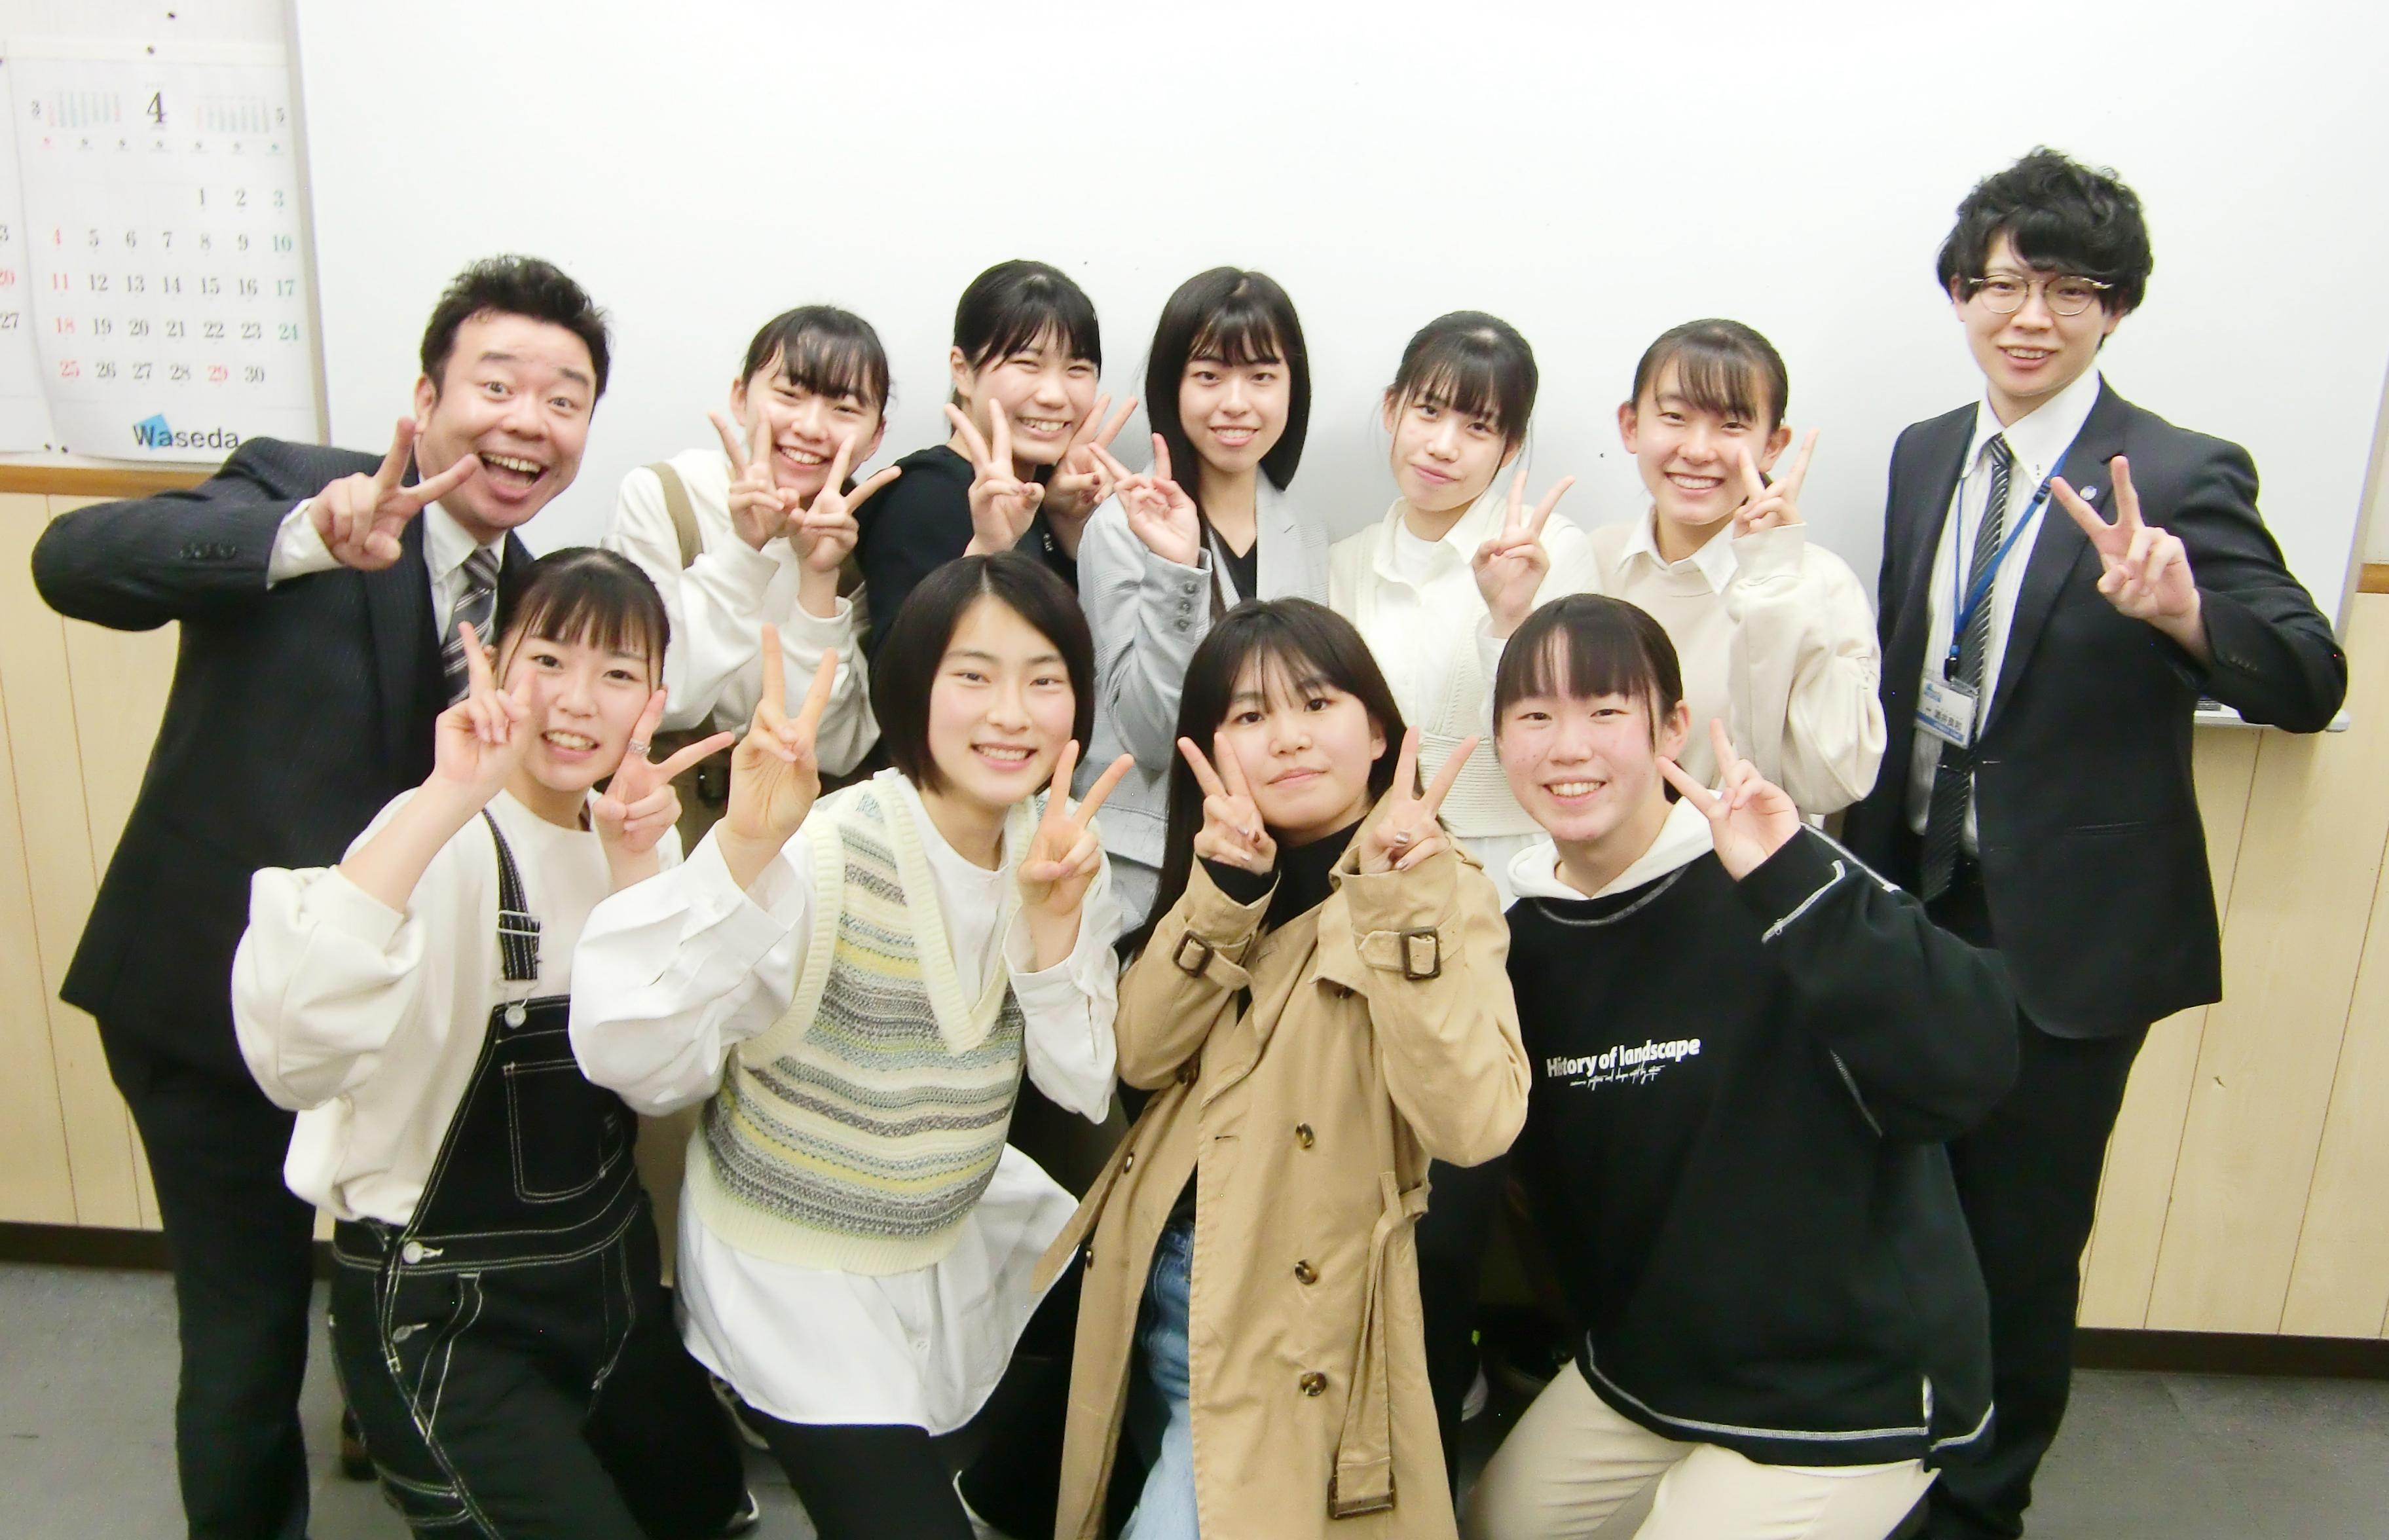 W早稲田ゼミ 小山校